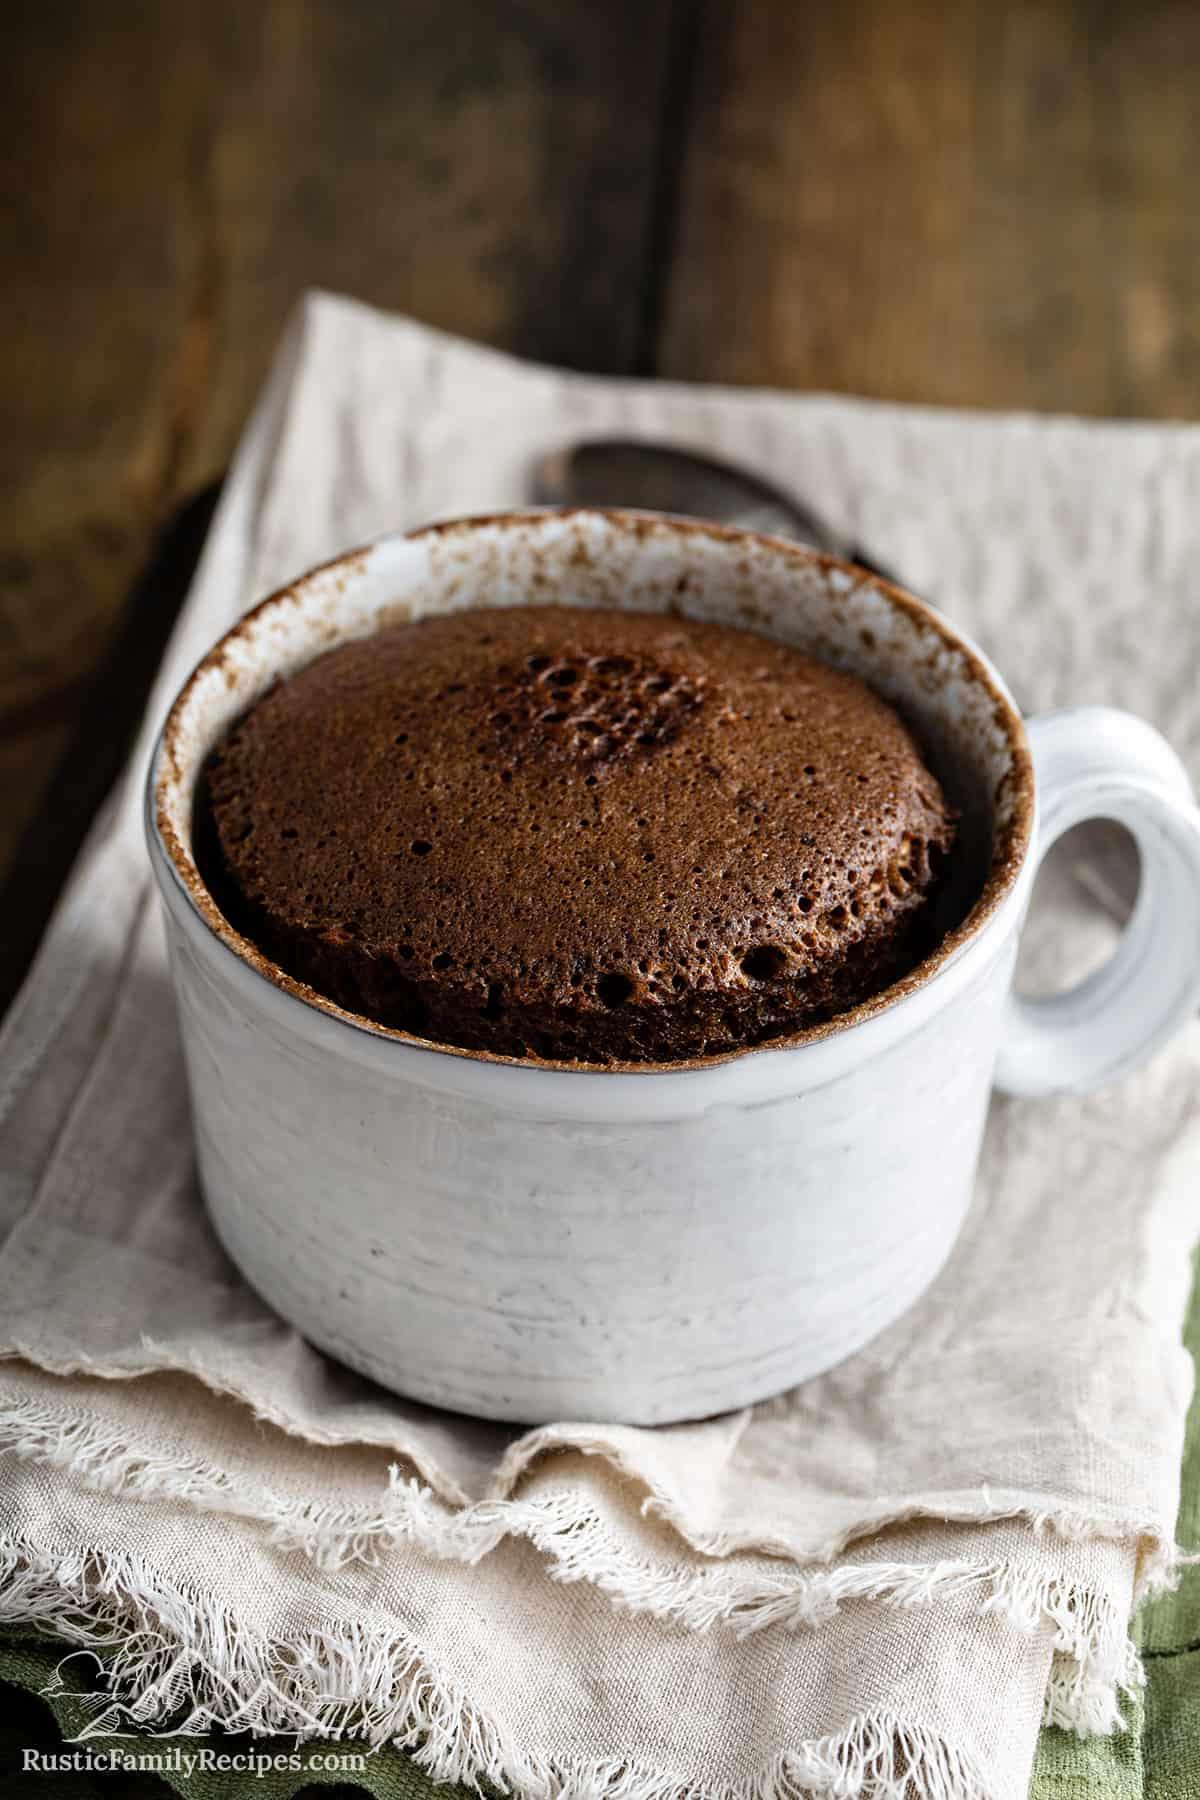 A mug filled with nutella mug cake